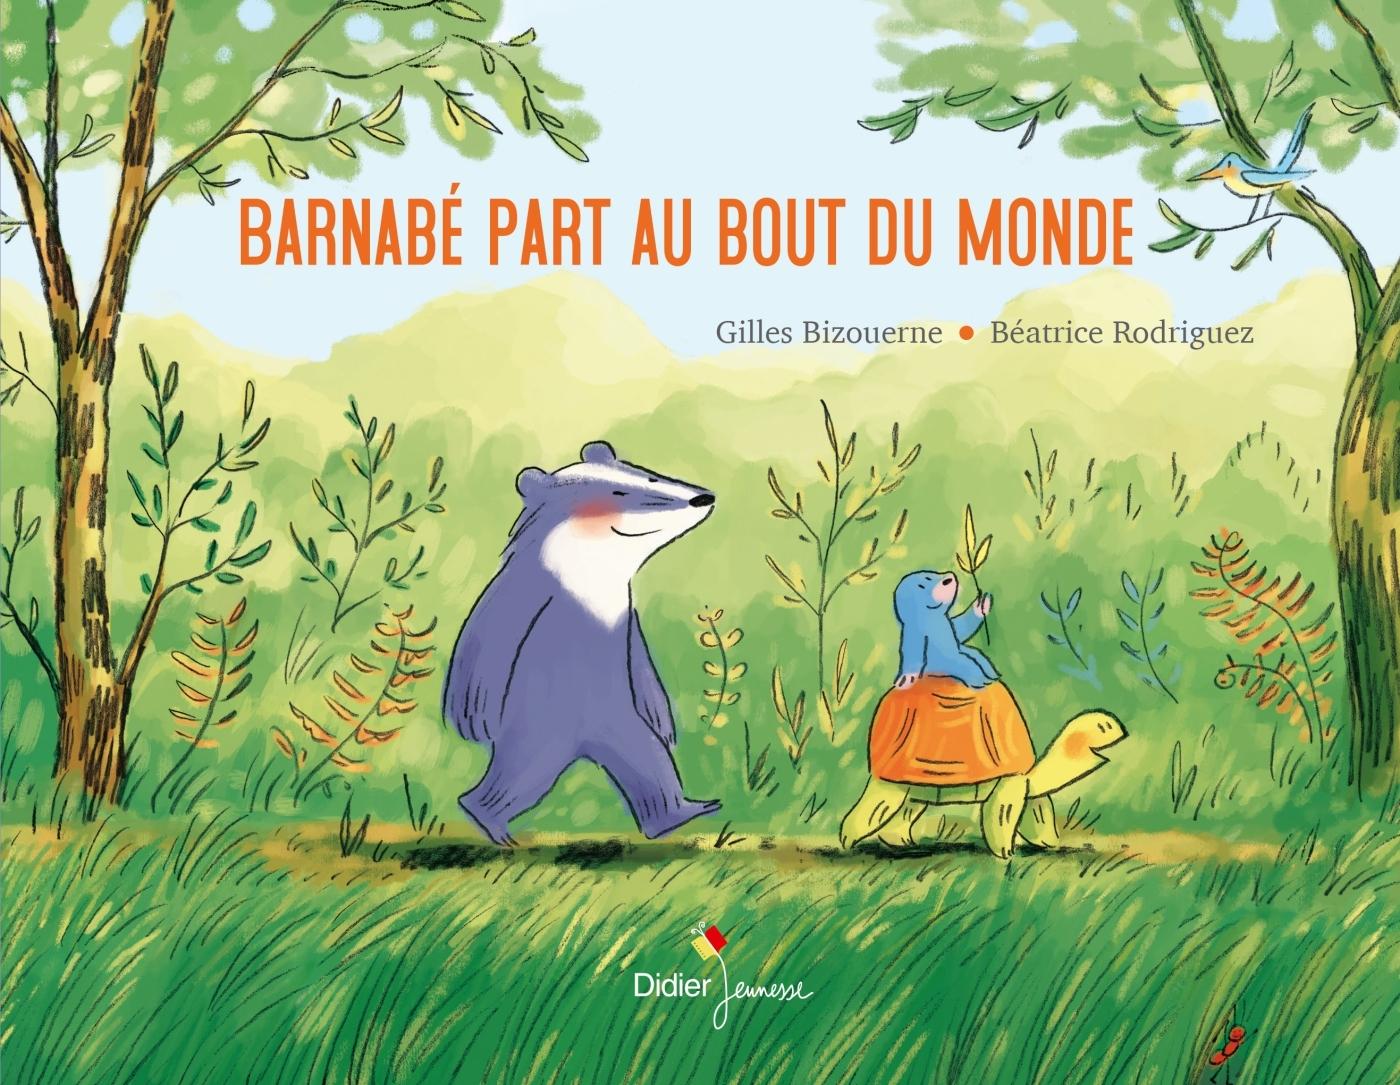 BARNABE PART AU BOUT DU MONDE